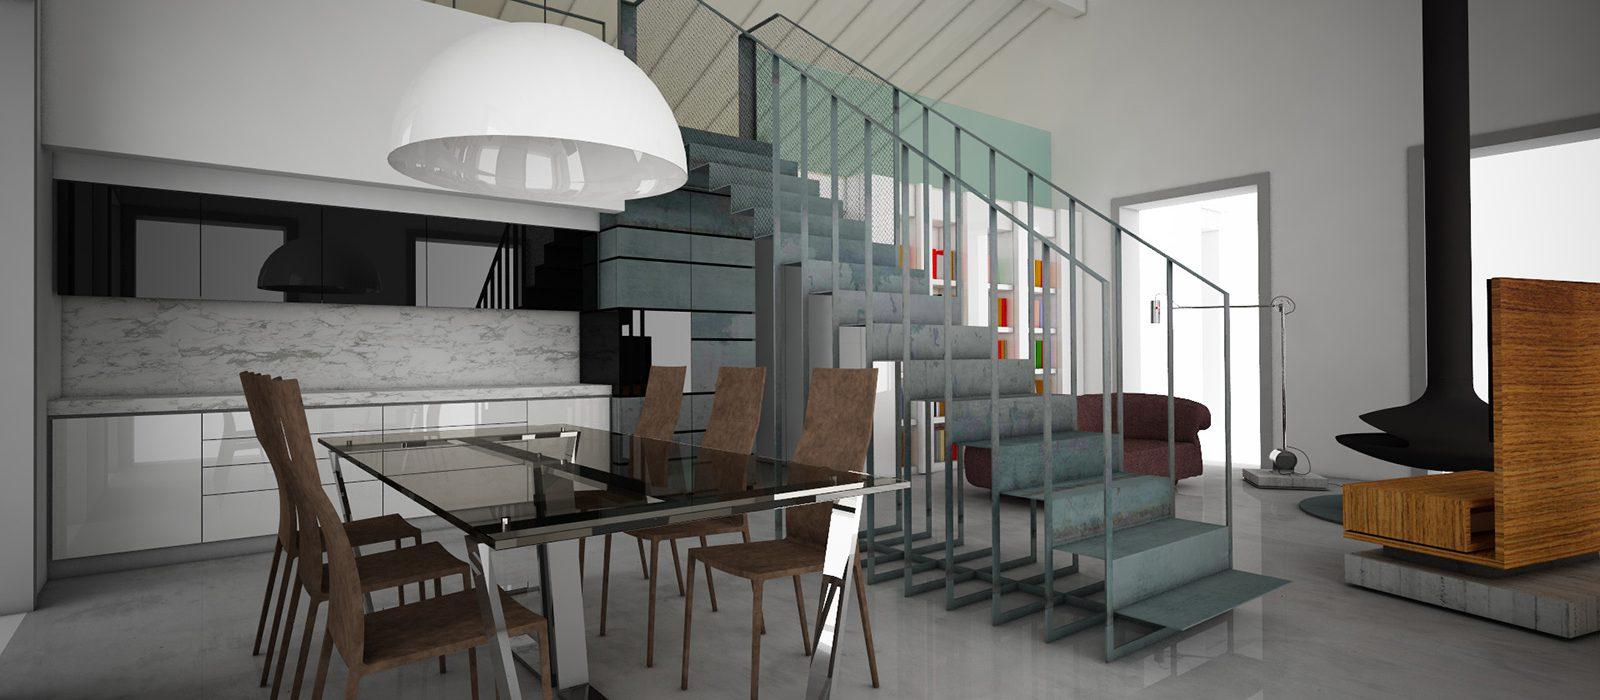 02_house_mare_studio_di_architettura_giuseppe_passaro_interni_scala